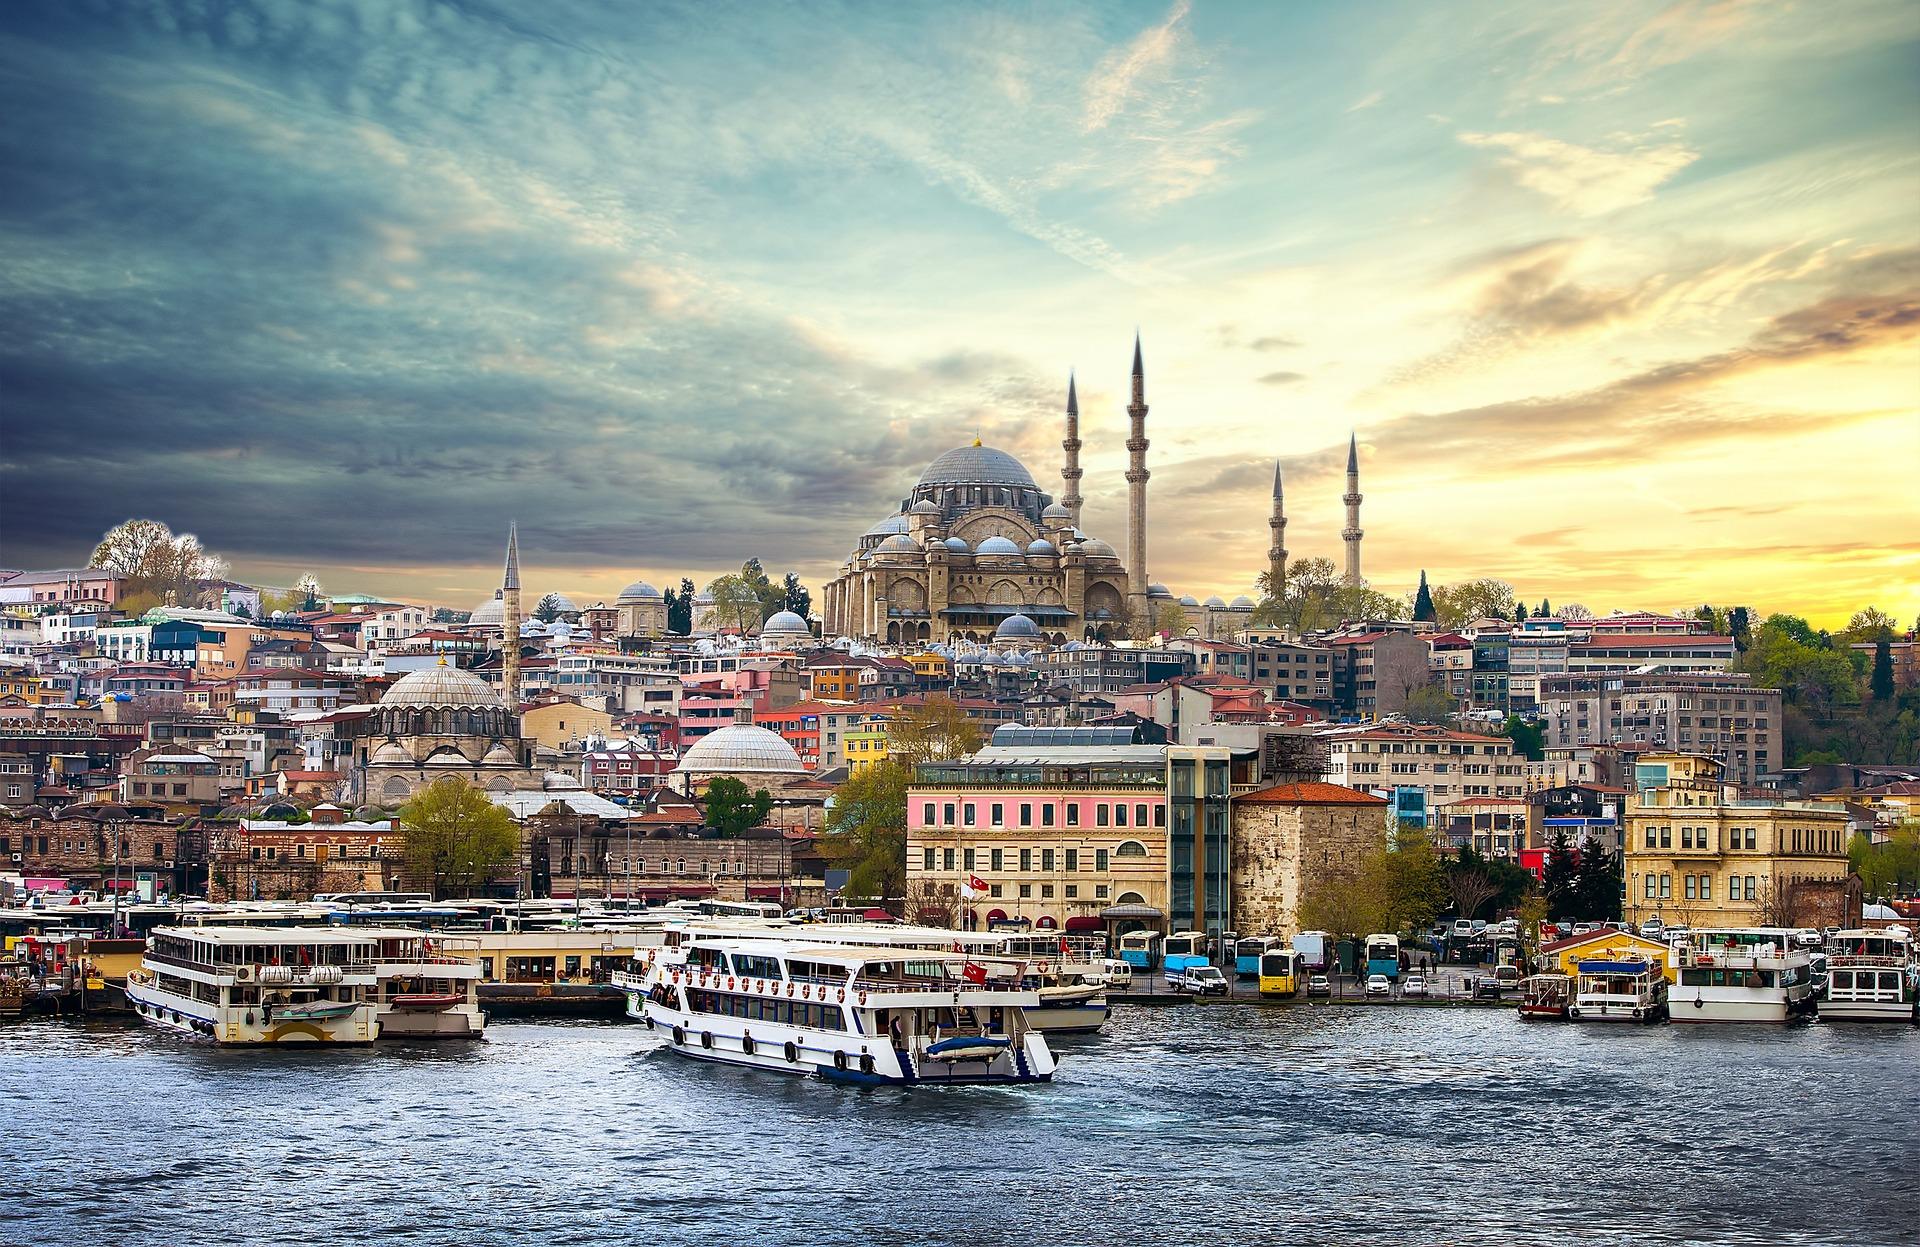 Turquía 9 días con estancia en Estambul, Capadocia, Pamukkale y Esmirna